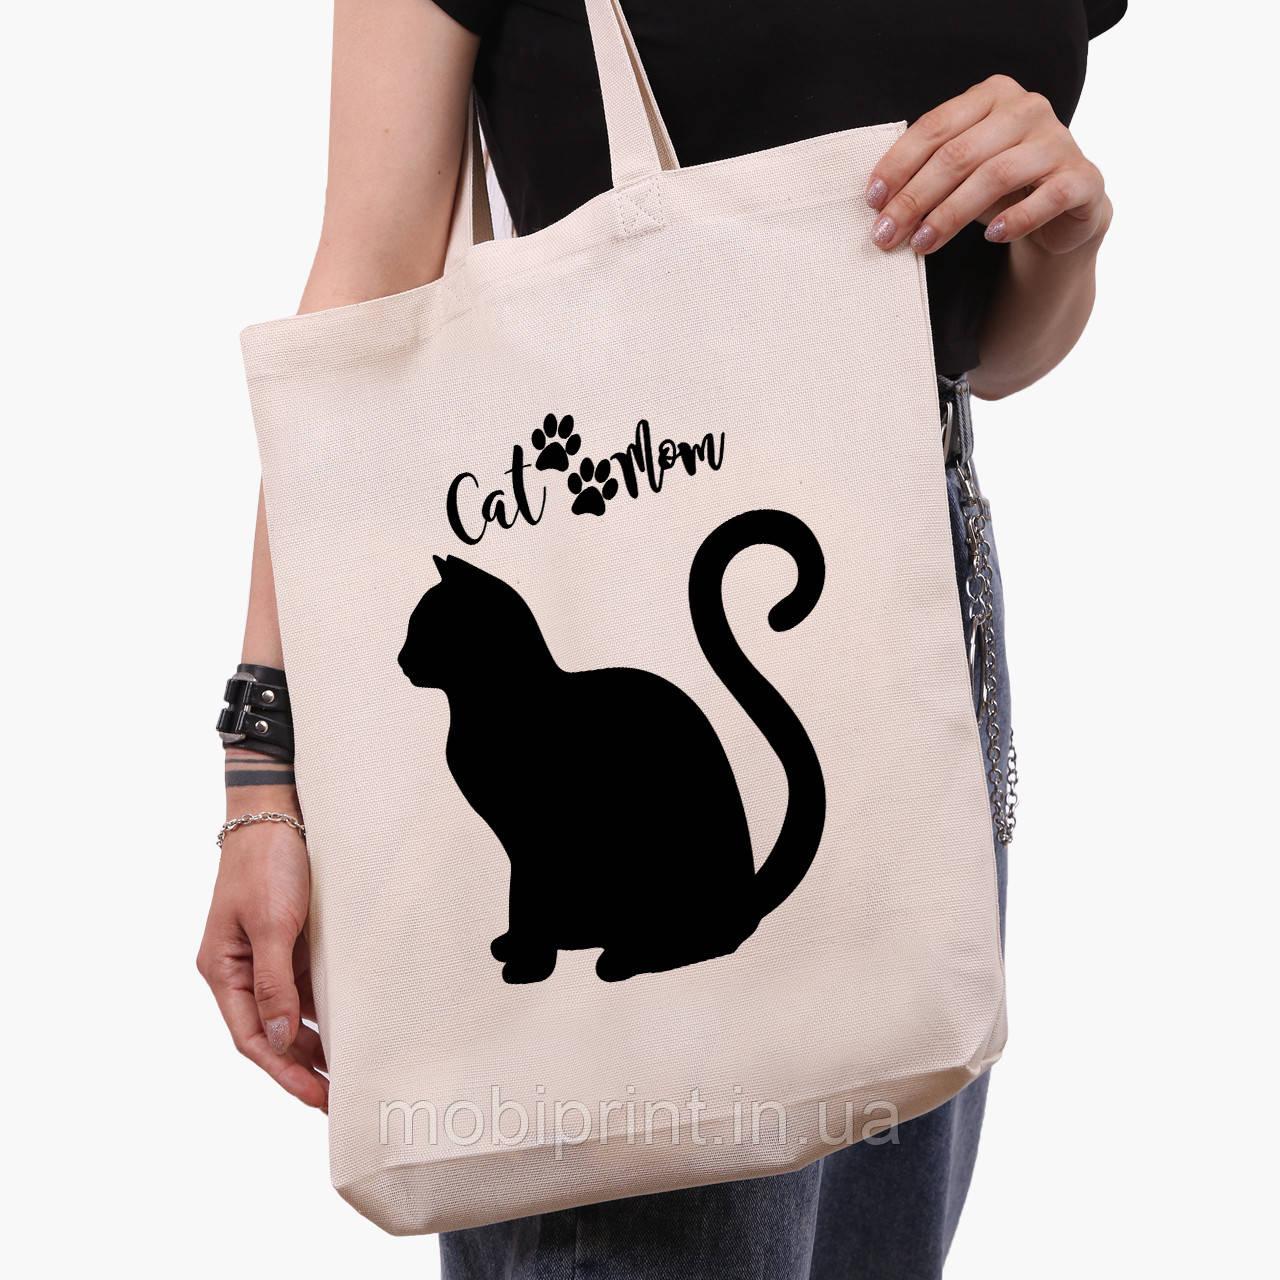 Эко сумка шоппер белая Cat Mom (9227-2840-1)  41*39*8 см